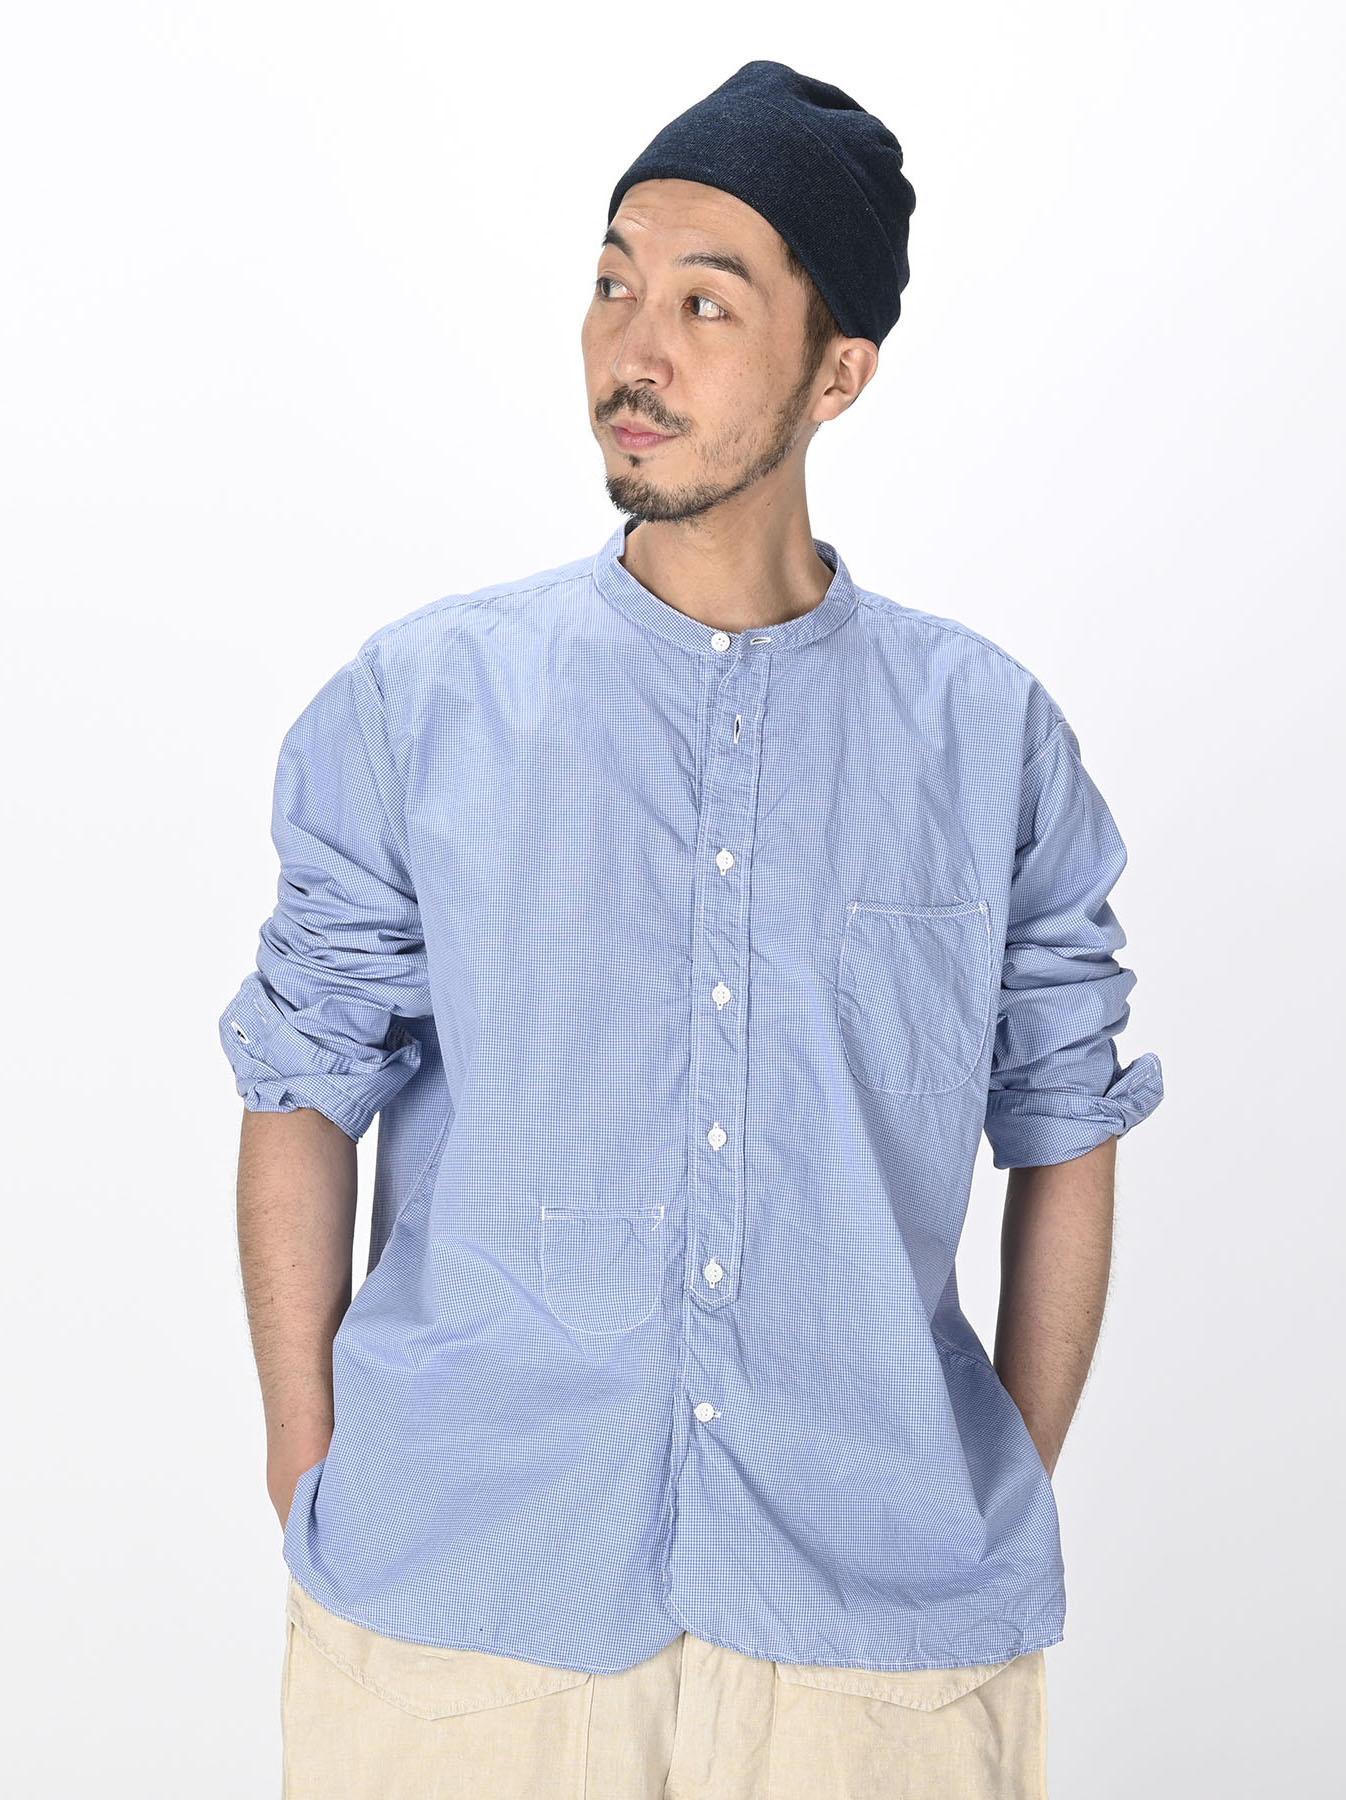 Damp 908 Stand Ocean Shirt(0721)-5